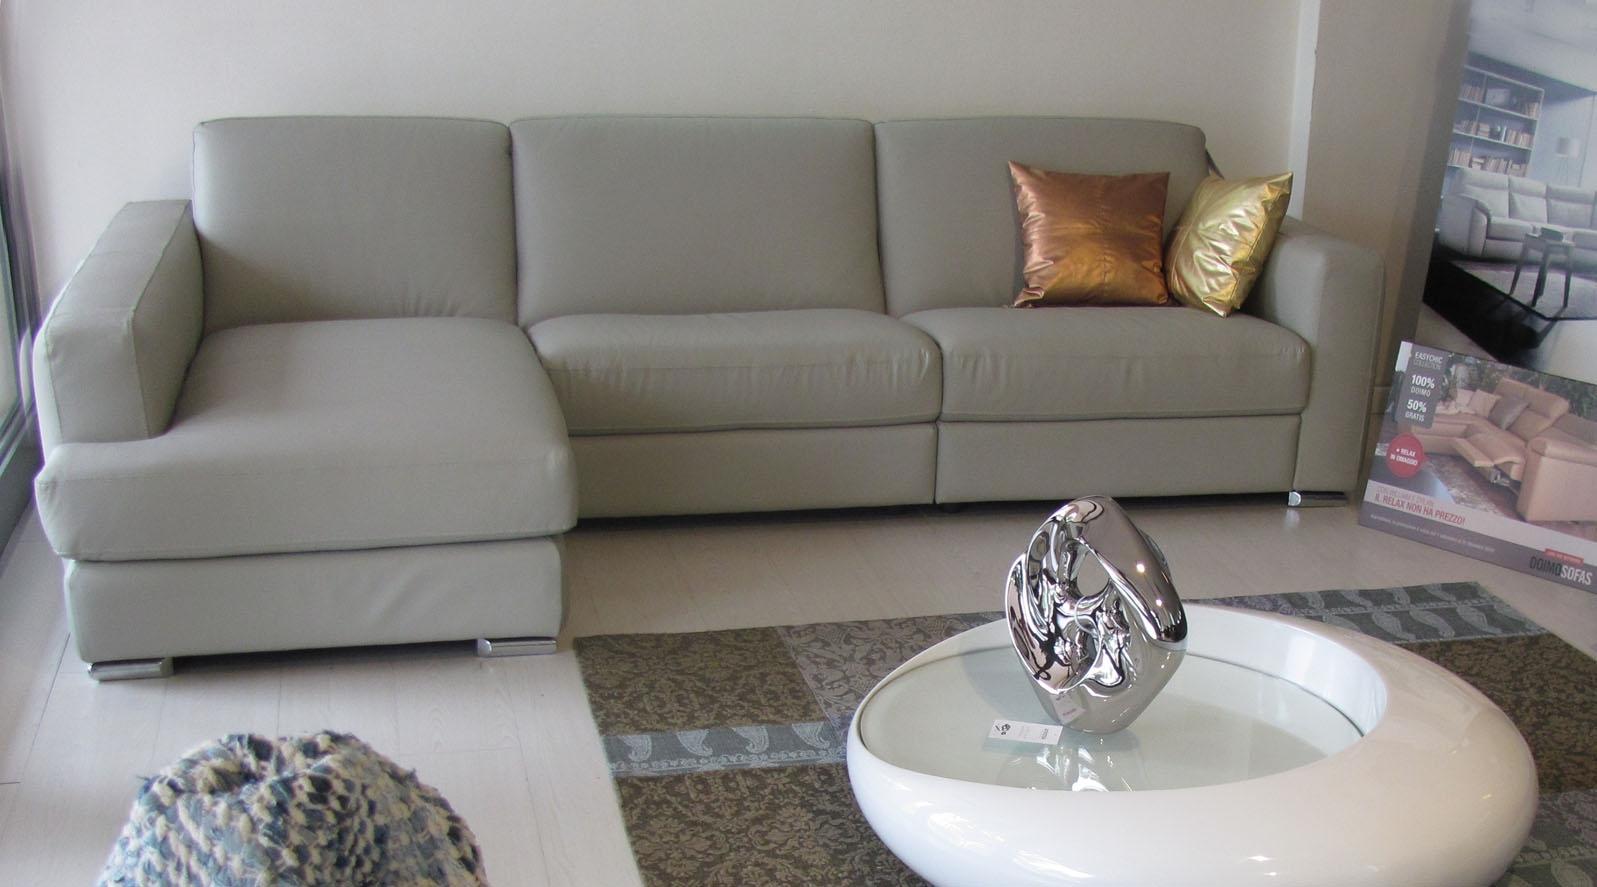 Divano doimo sofas scontato 20872 divani a prezzi scontati for Divano letto doimo